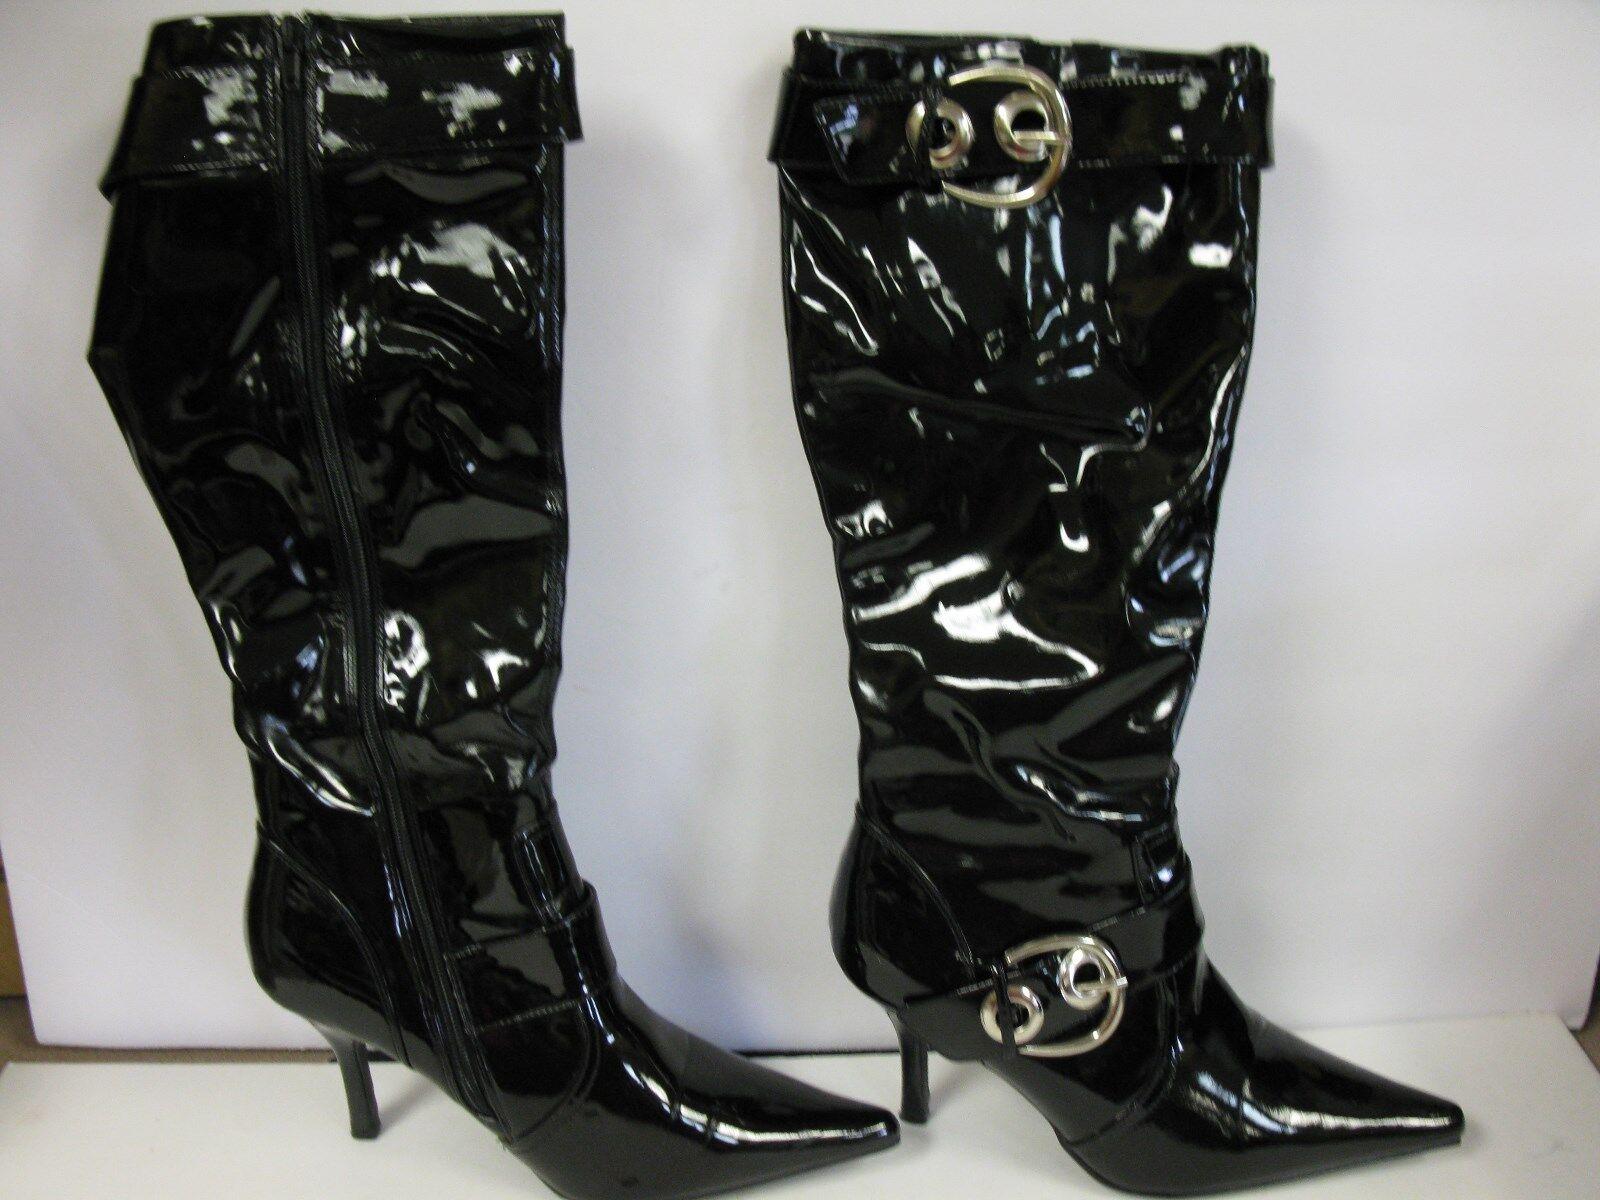 CL Laundry Botas Rodilla para mujer Negro Botas Hasta La Rodilla Botas brillante 10M e001aa